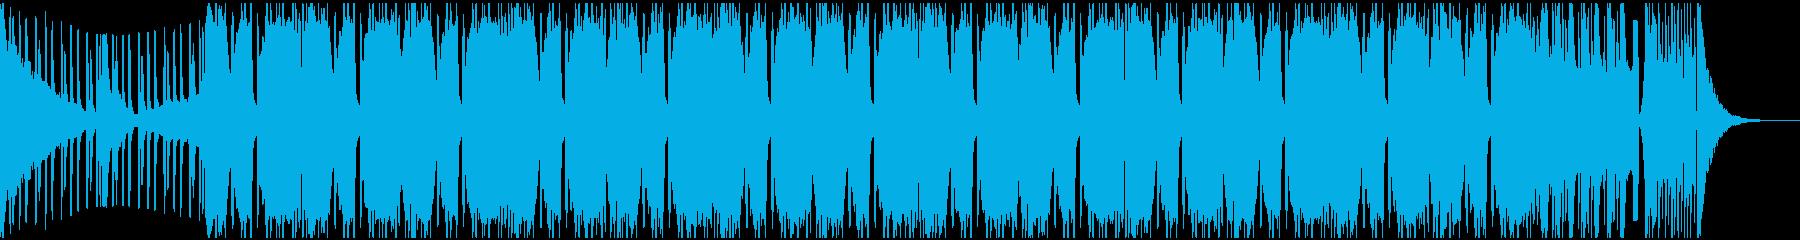 シンプルなバトル系riddim loopの再生済みの波形